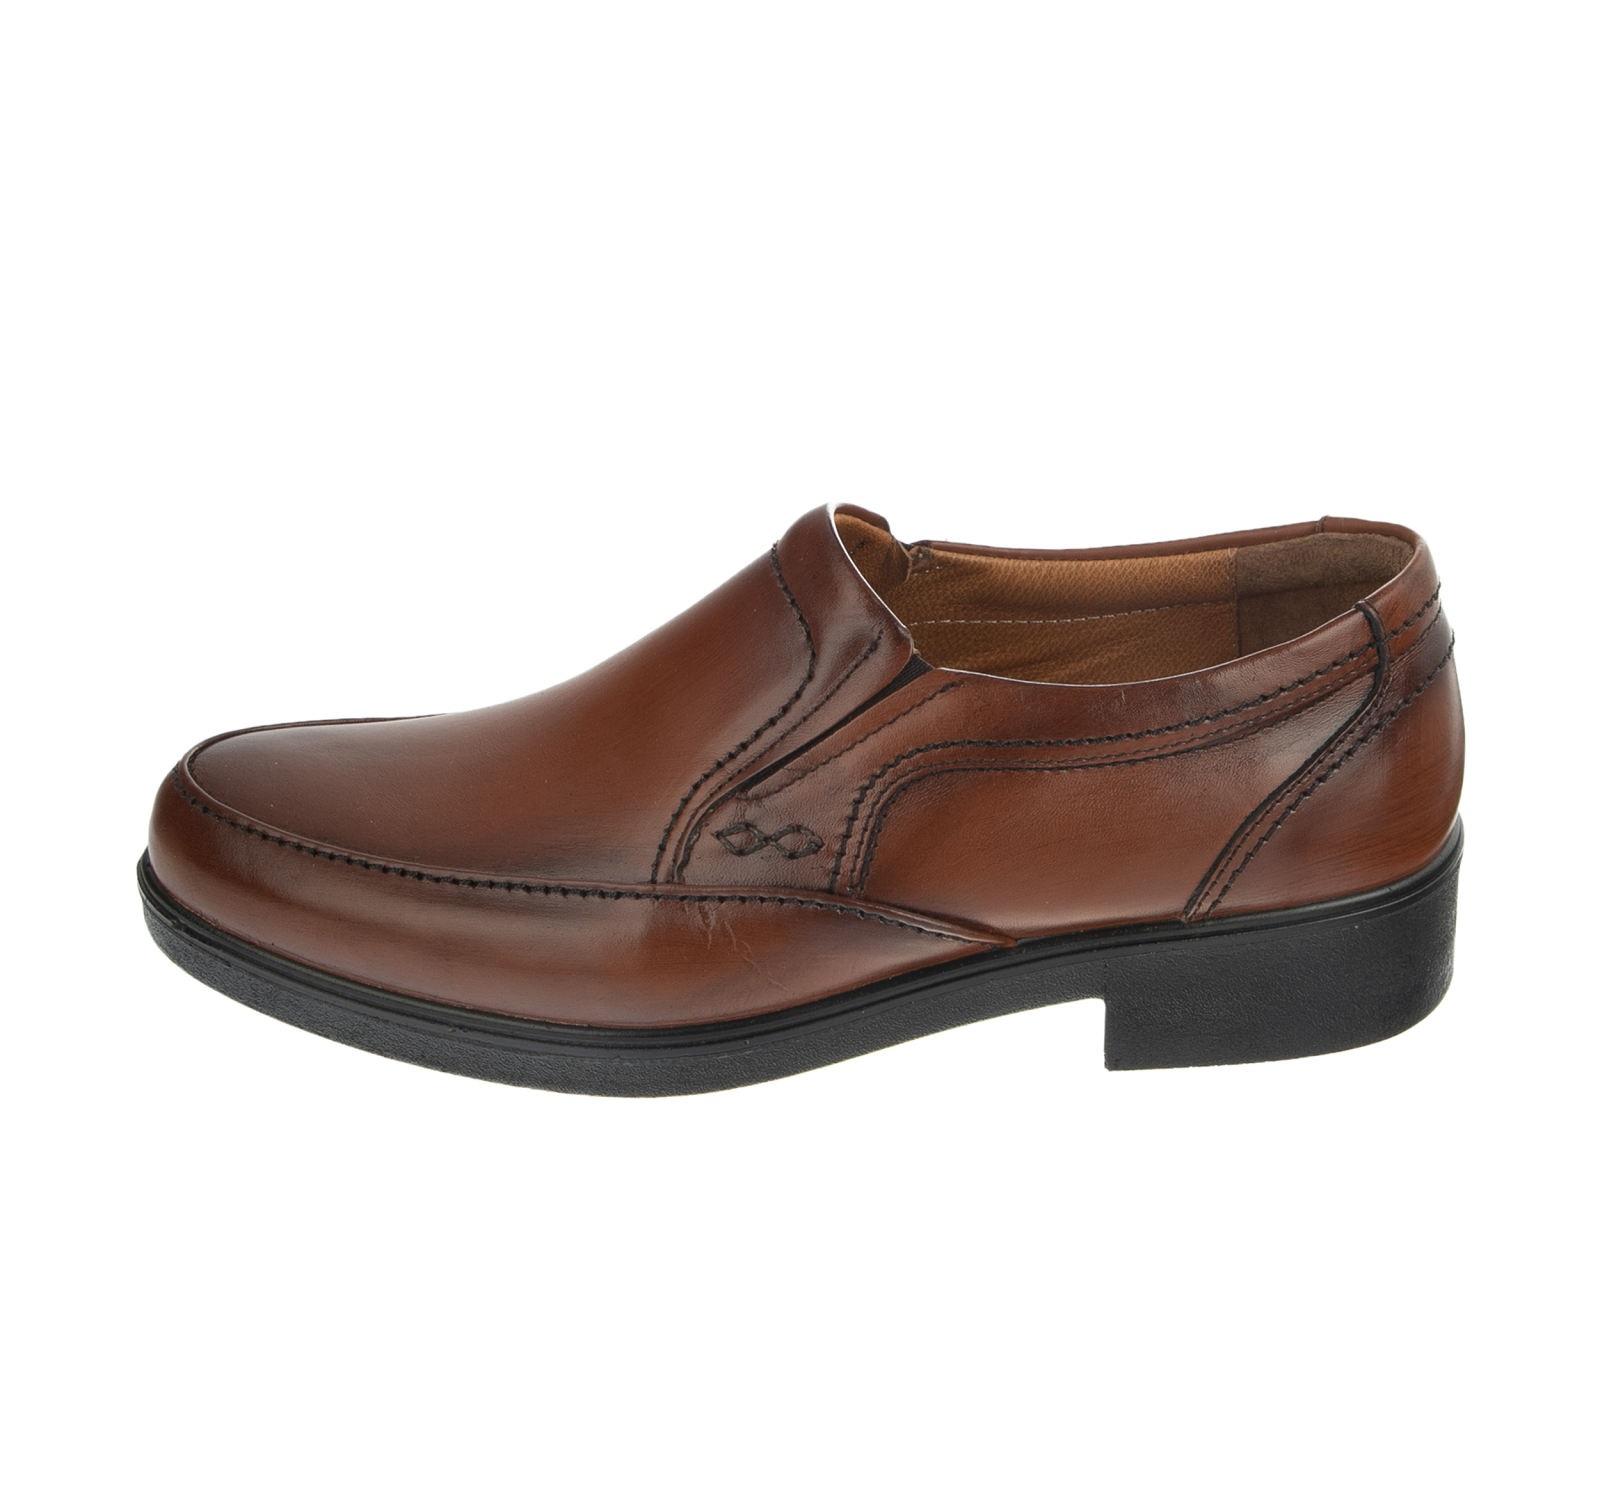 کفش مردانه مجلسی مدل T10 عسلی آذر پلاس